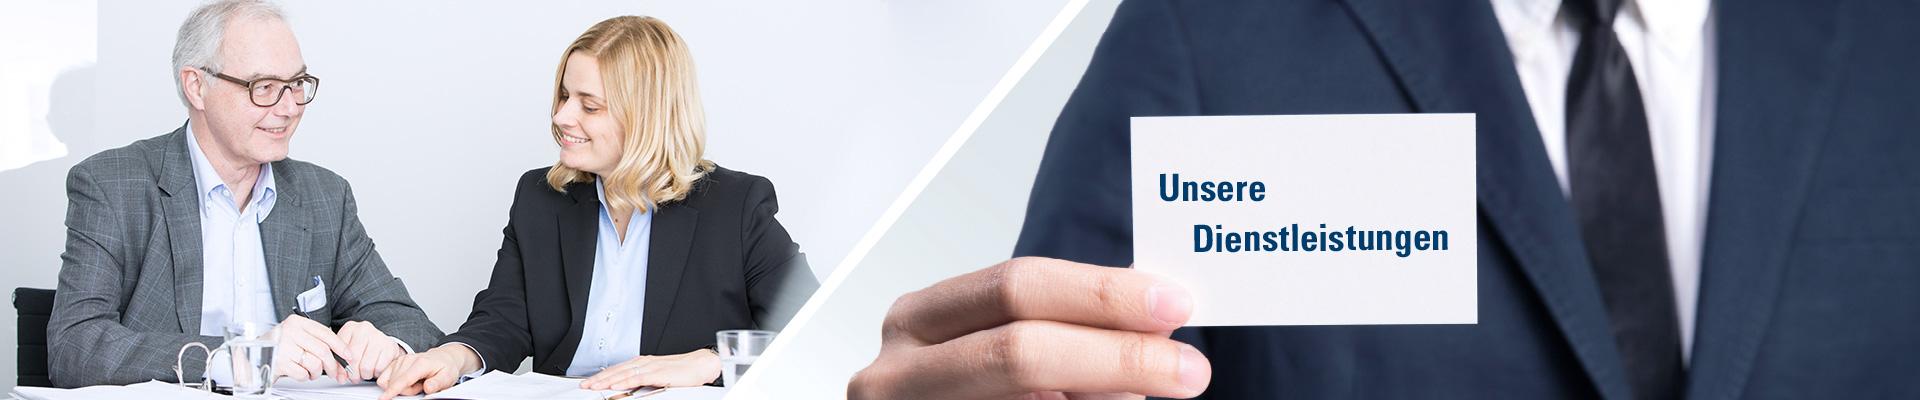 Dompatent Spezielle Dienstleistungen Header DE